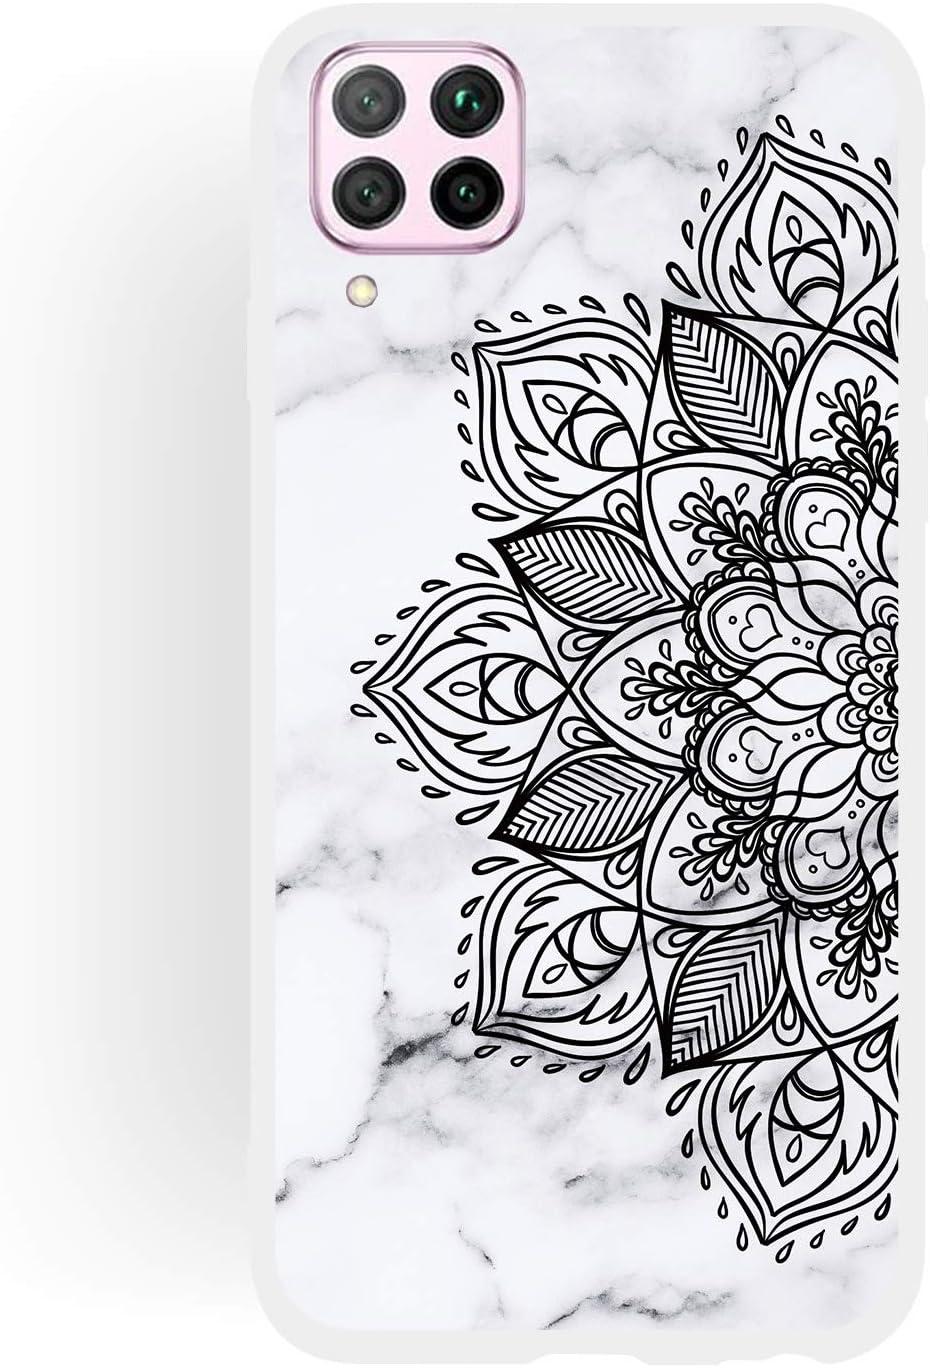 Couleur R/êve Reine ChoosEU Compatible avec 3X Coques Huawei P40 Lite Silicone Souple Motif Marbre pour Filles Femmes Homme Etui Soft /Étui Ultra Fine Antichoc Housse Mince Case Protection